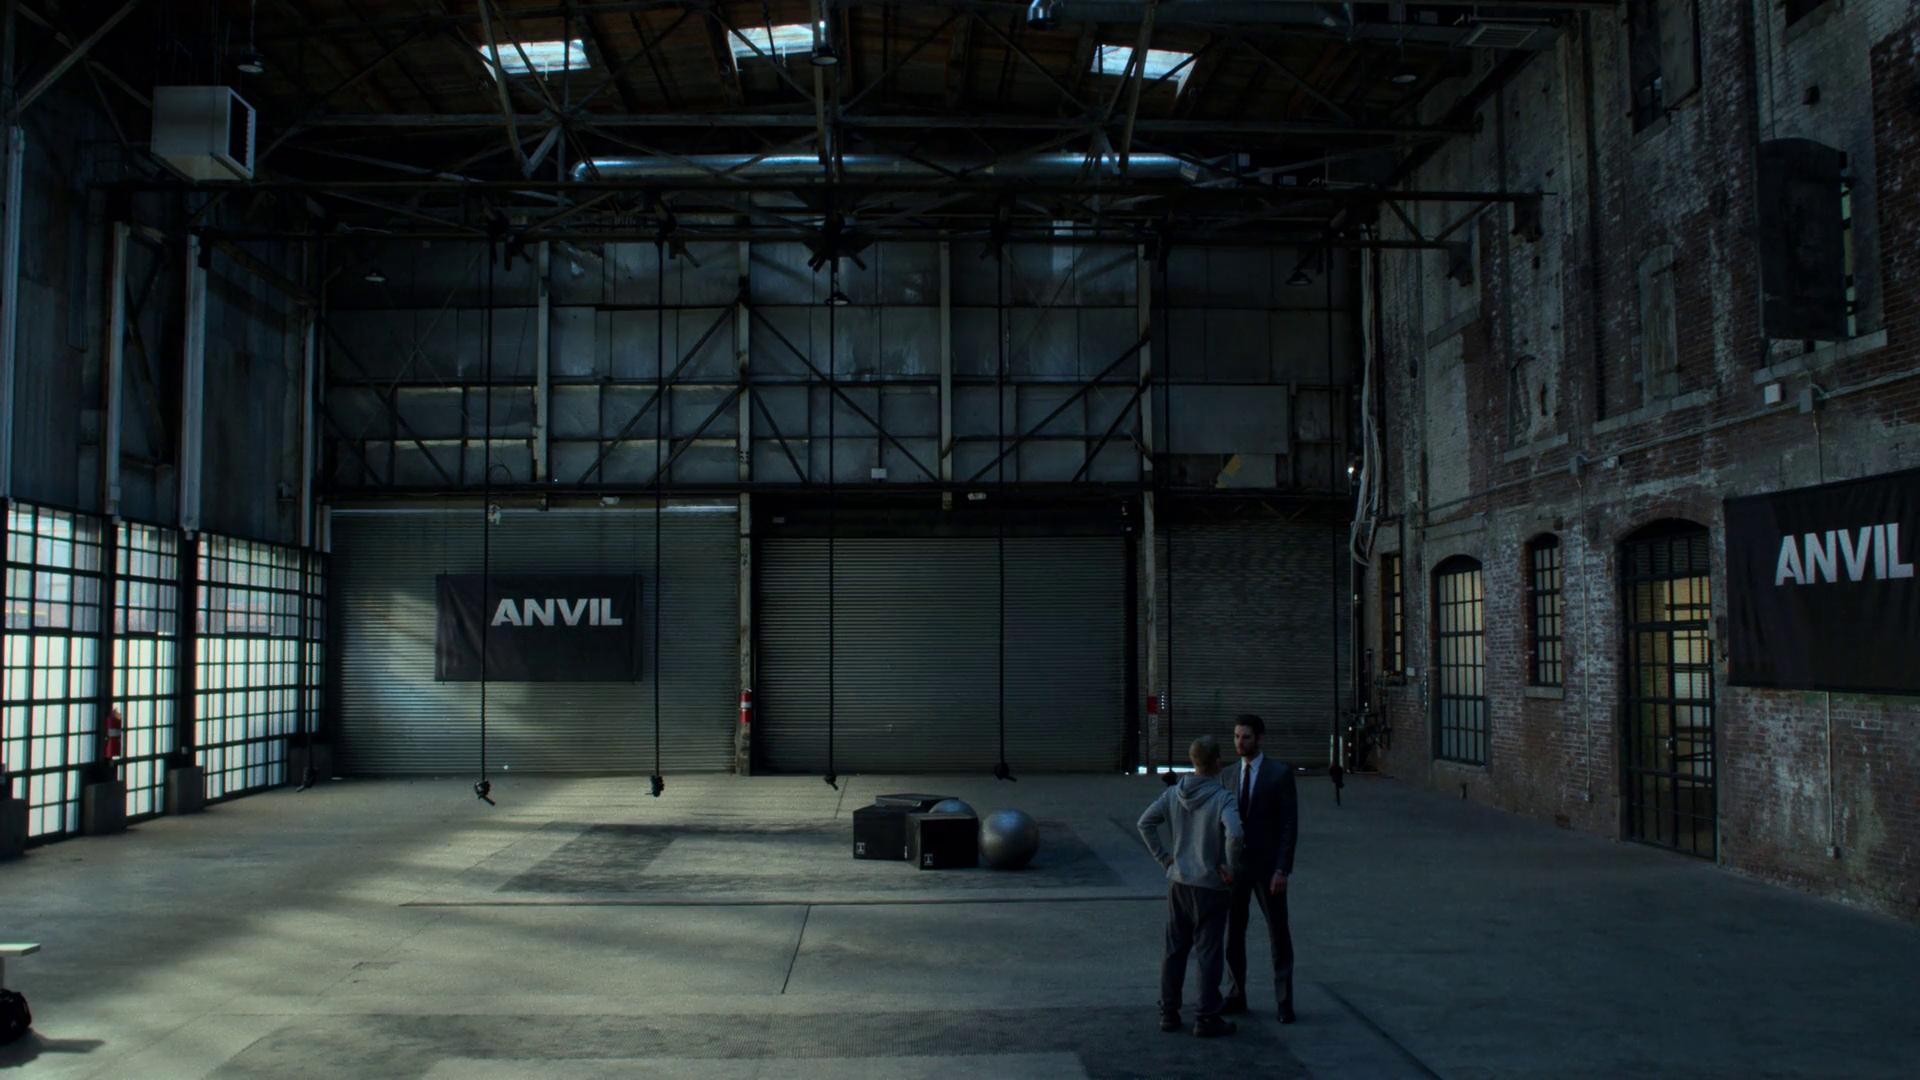 Anvil Headquarters